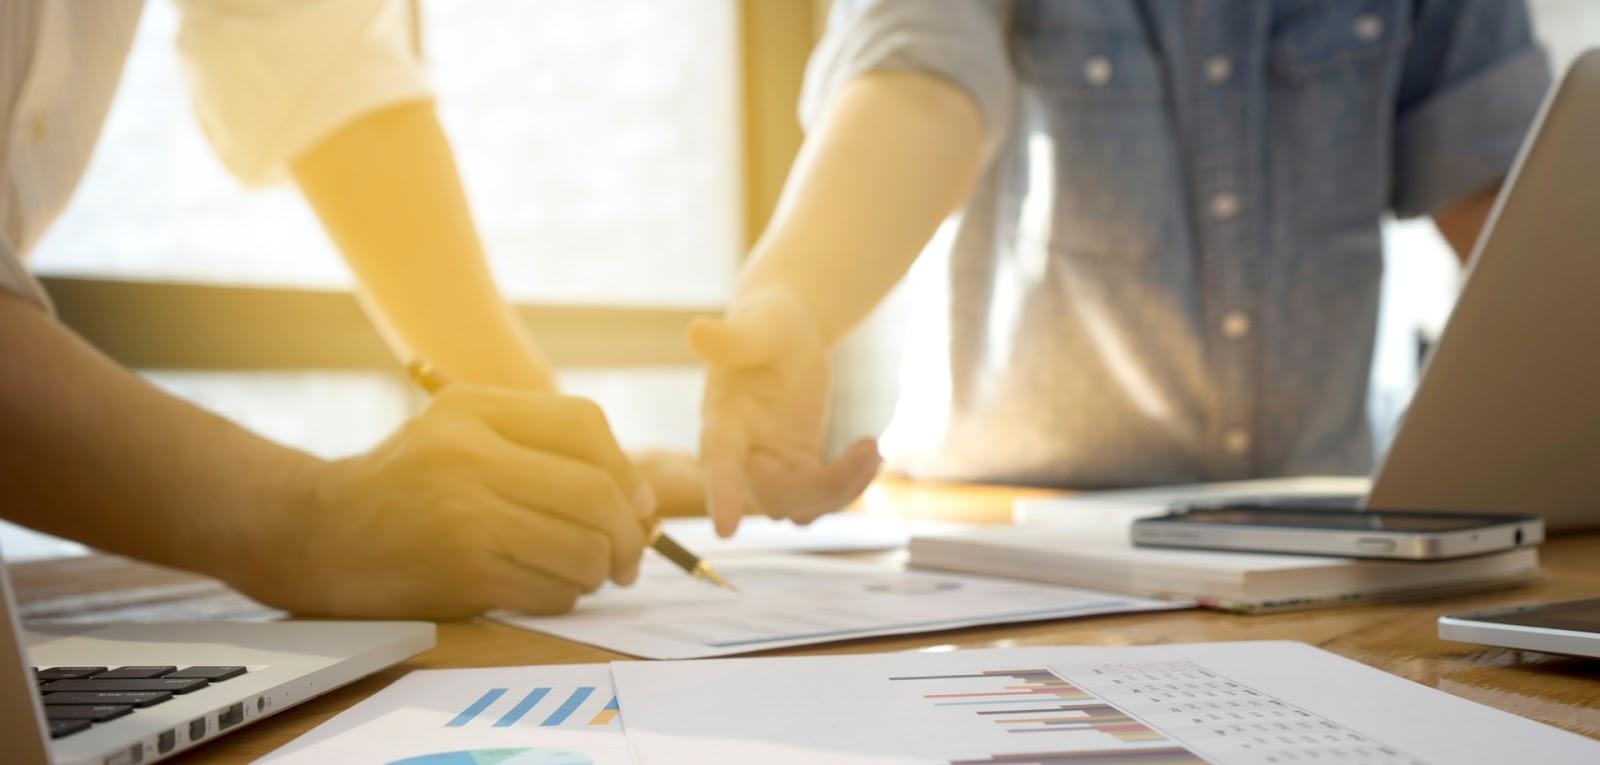 مراحل تنفيذ المشاريع الانشائية - شرح العطاءات والمناقصات